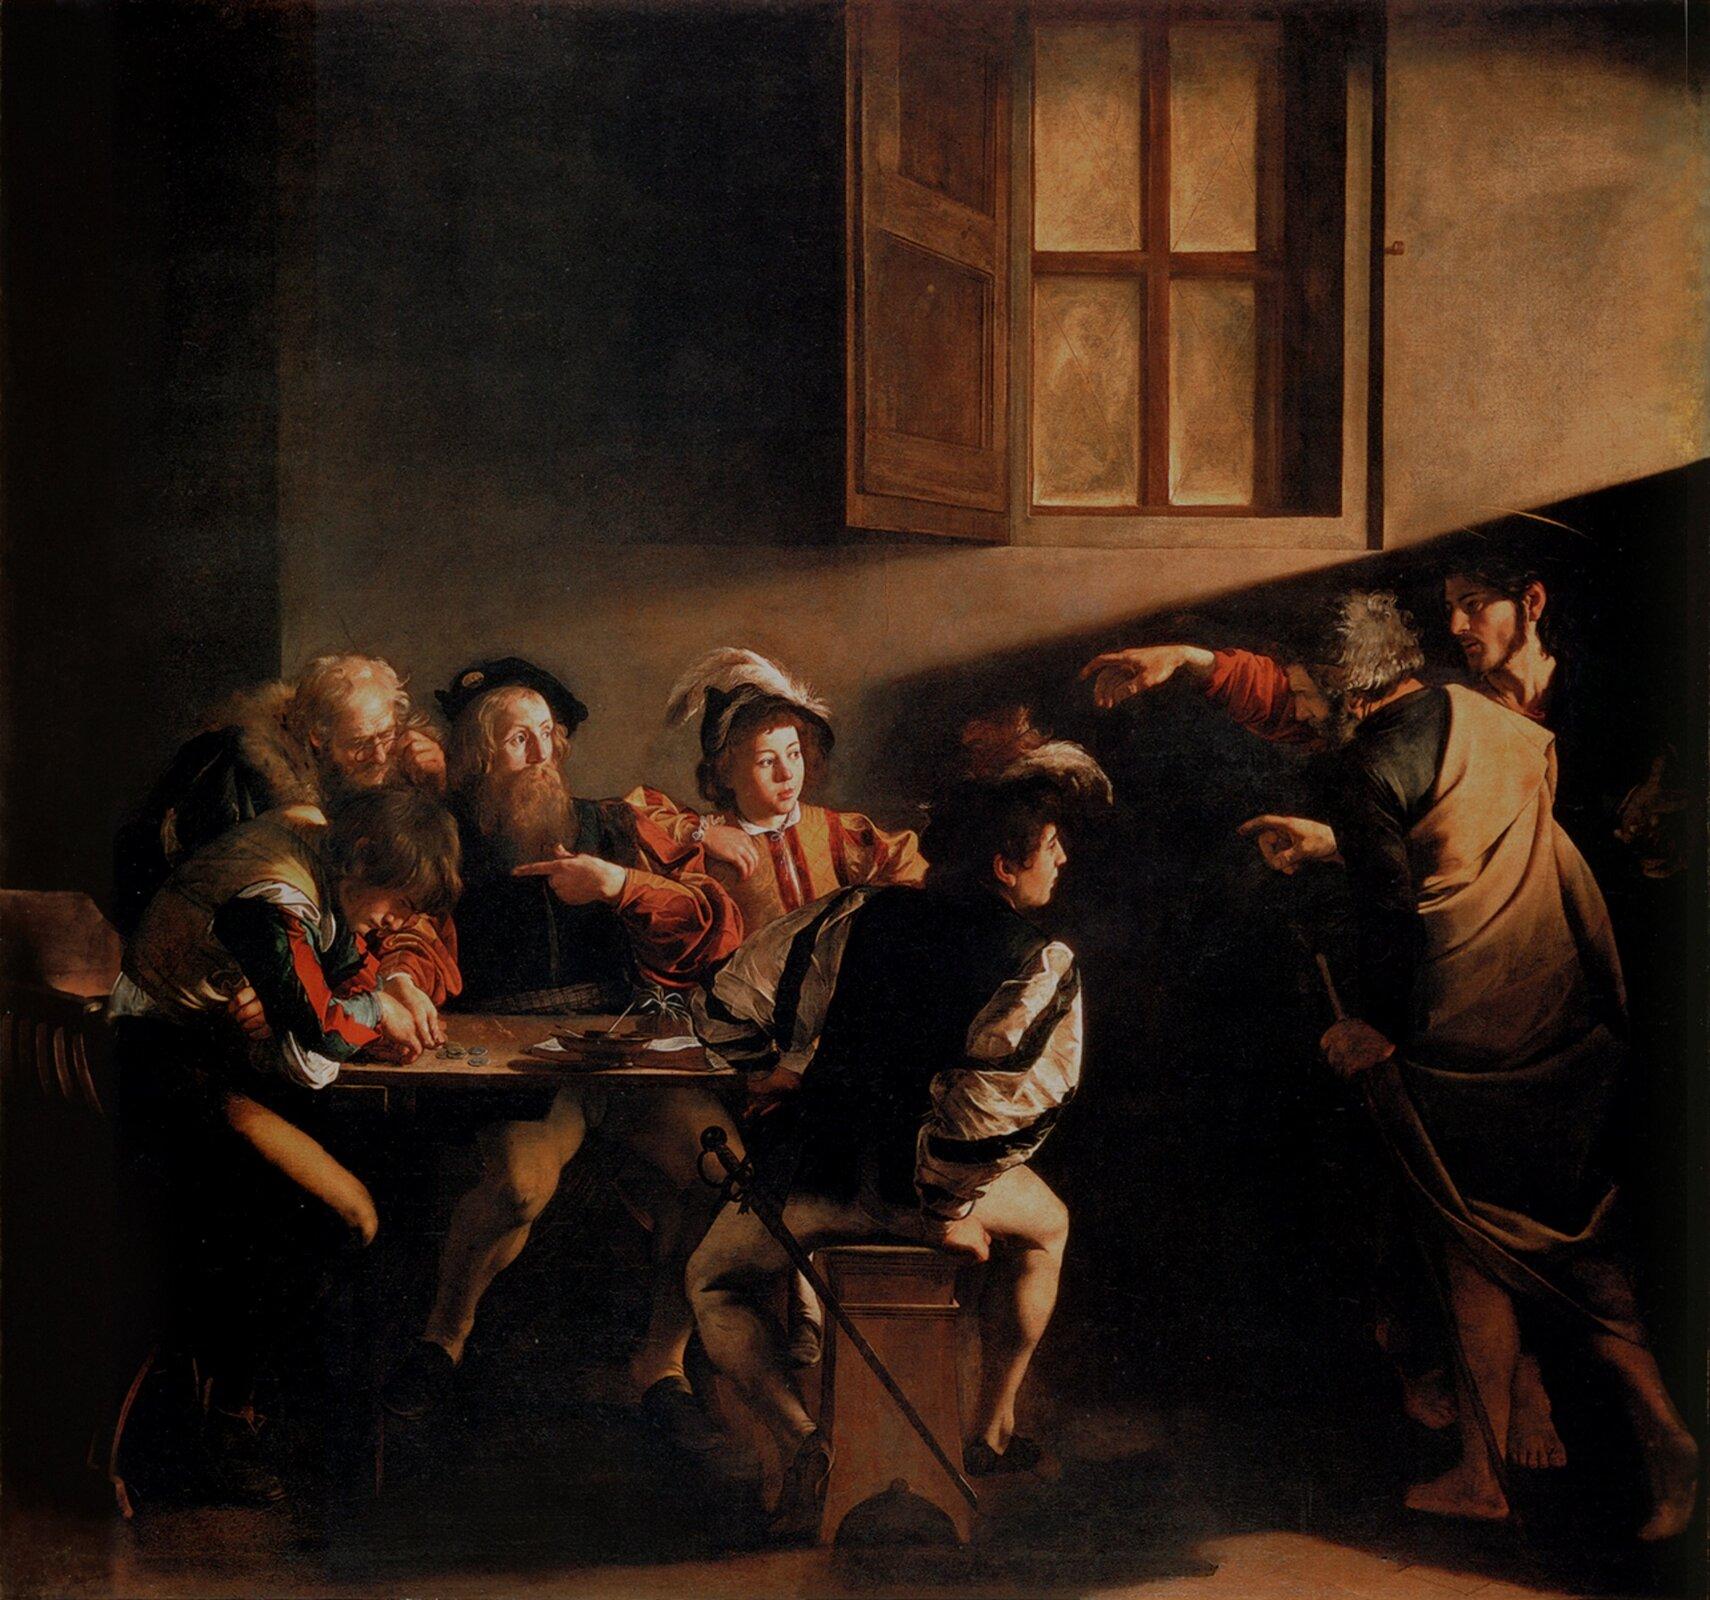 """Ilustracja przedstawia obraz Caravaggio pt. """"Powołanie świętego Mateusza"""". Dzieło powstało wlatach 1599-1600. Na obrazie przedstawiona została scena, wktórej powołany do służby zostaje Mateusz. Scena rozgrywa się wciemnym pomieszczeniu, którym jest komora celna. Obraz oświetla strumień światła wpadający przez niewidoczny otwór zprawej strony. Mateusz siedzi przy stole zczterema innymi mężczyznami. Postać zajęta jest liczeniem pieniędzy. Zprawej strony znajduje się Chrystus wchodzący do pomieszczenia. Jezus wyciągniętą dłonią wskazuje Mateusza."""